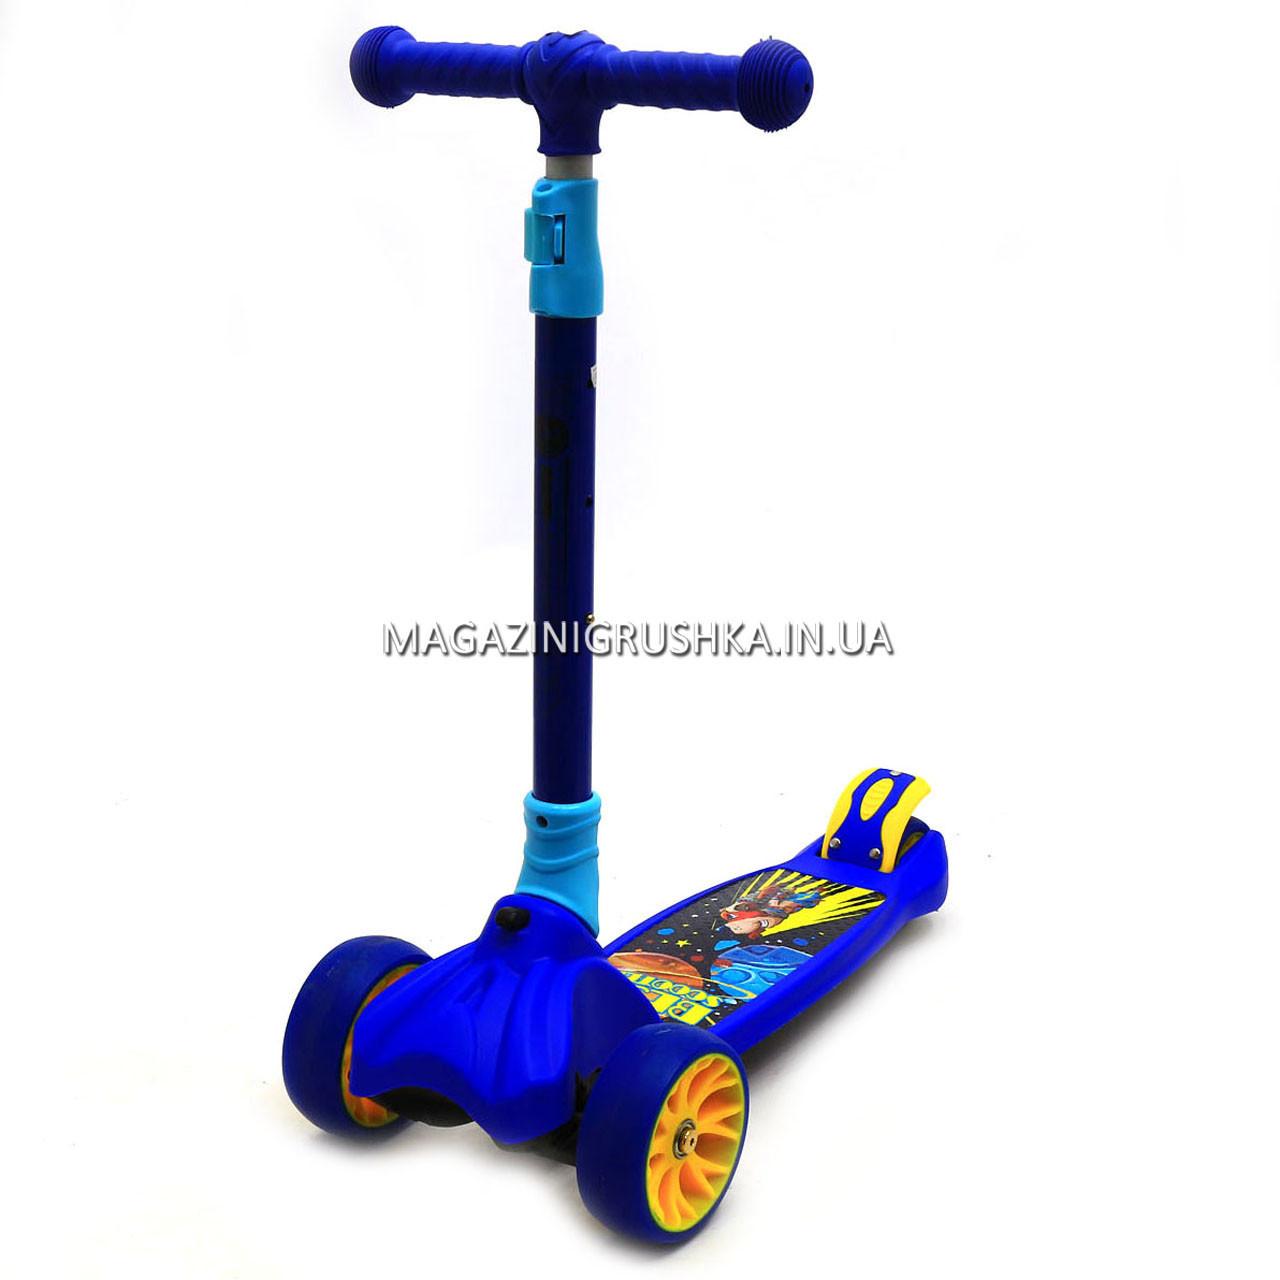 Самокат трехколесный детский 12330 Best Scooter (ПУ колеса, тихие, светящиеся, складывающаяся конструкция)